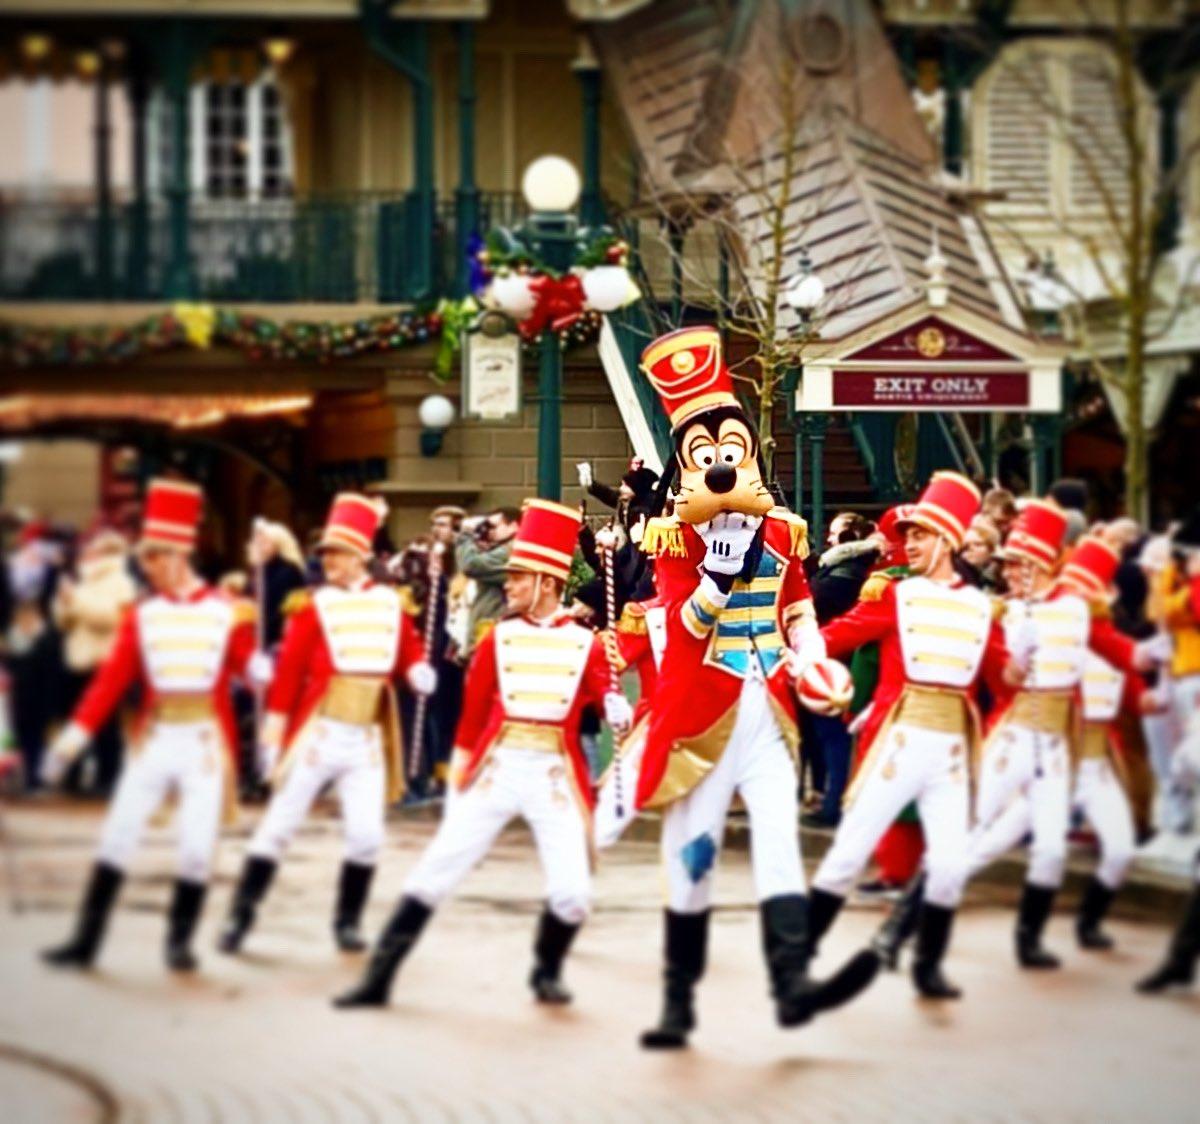 La parade de Noël Disney 🎄🎅🏻 🎁#disneylandparis #dlp #disneyland #paris #noeladisneylandparis #xmasatdisneylandparis #navidadendisneylandparis #noel #navidad #nadal #xmas #goofy #paradedisney #disneyfan #fandisney #fanparks #parkfans #instadisney